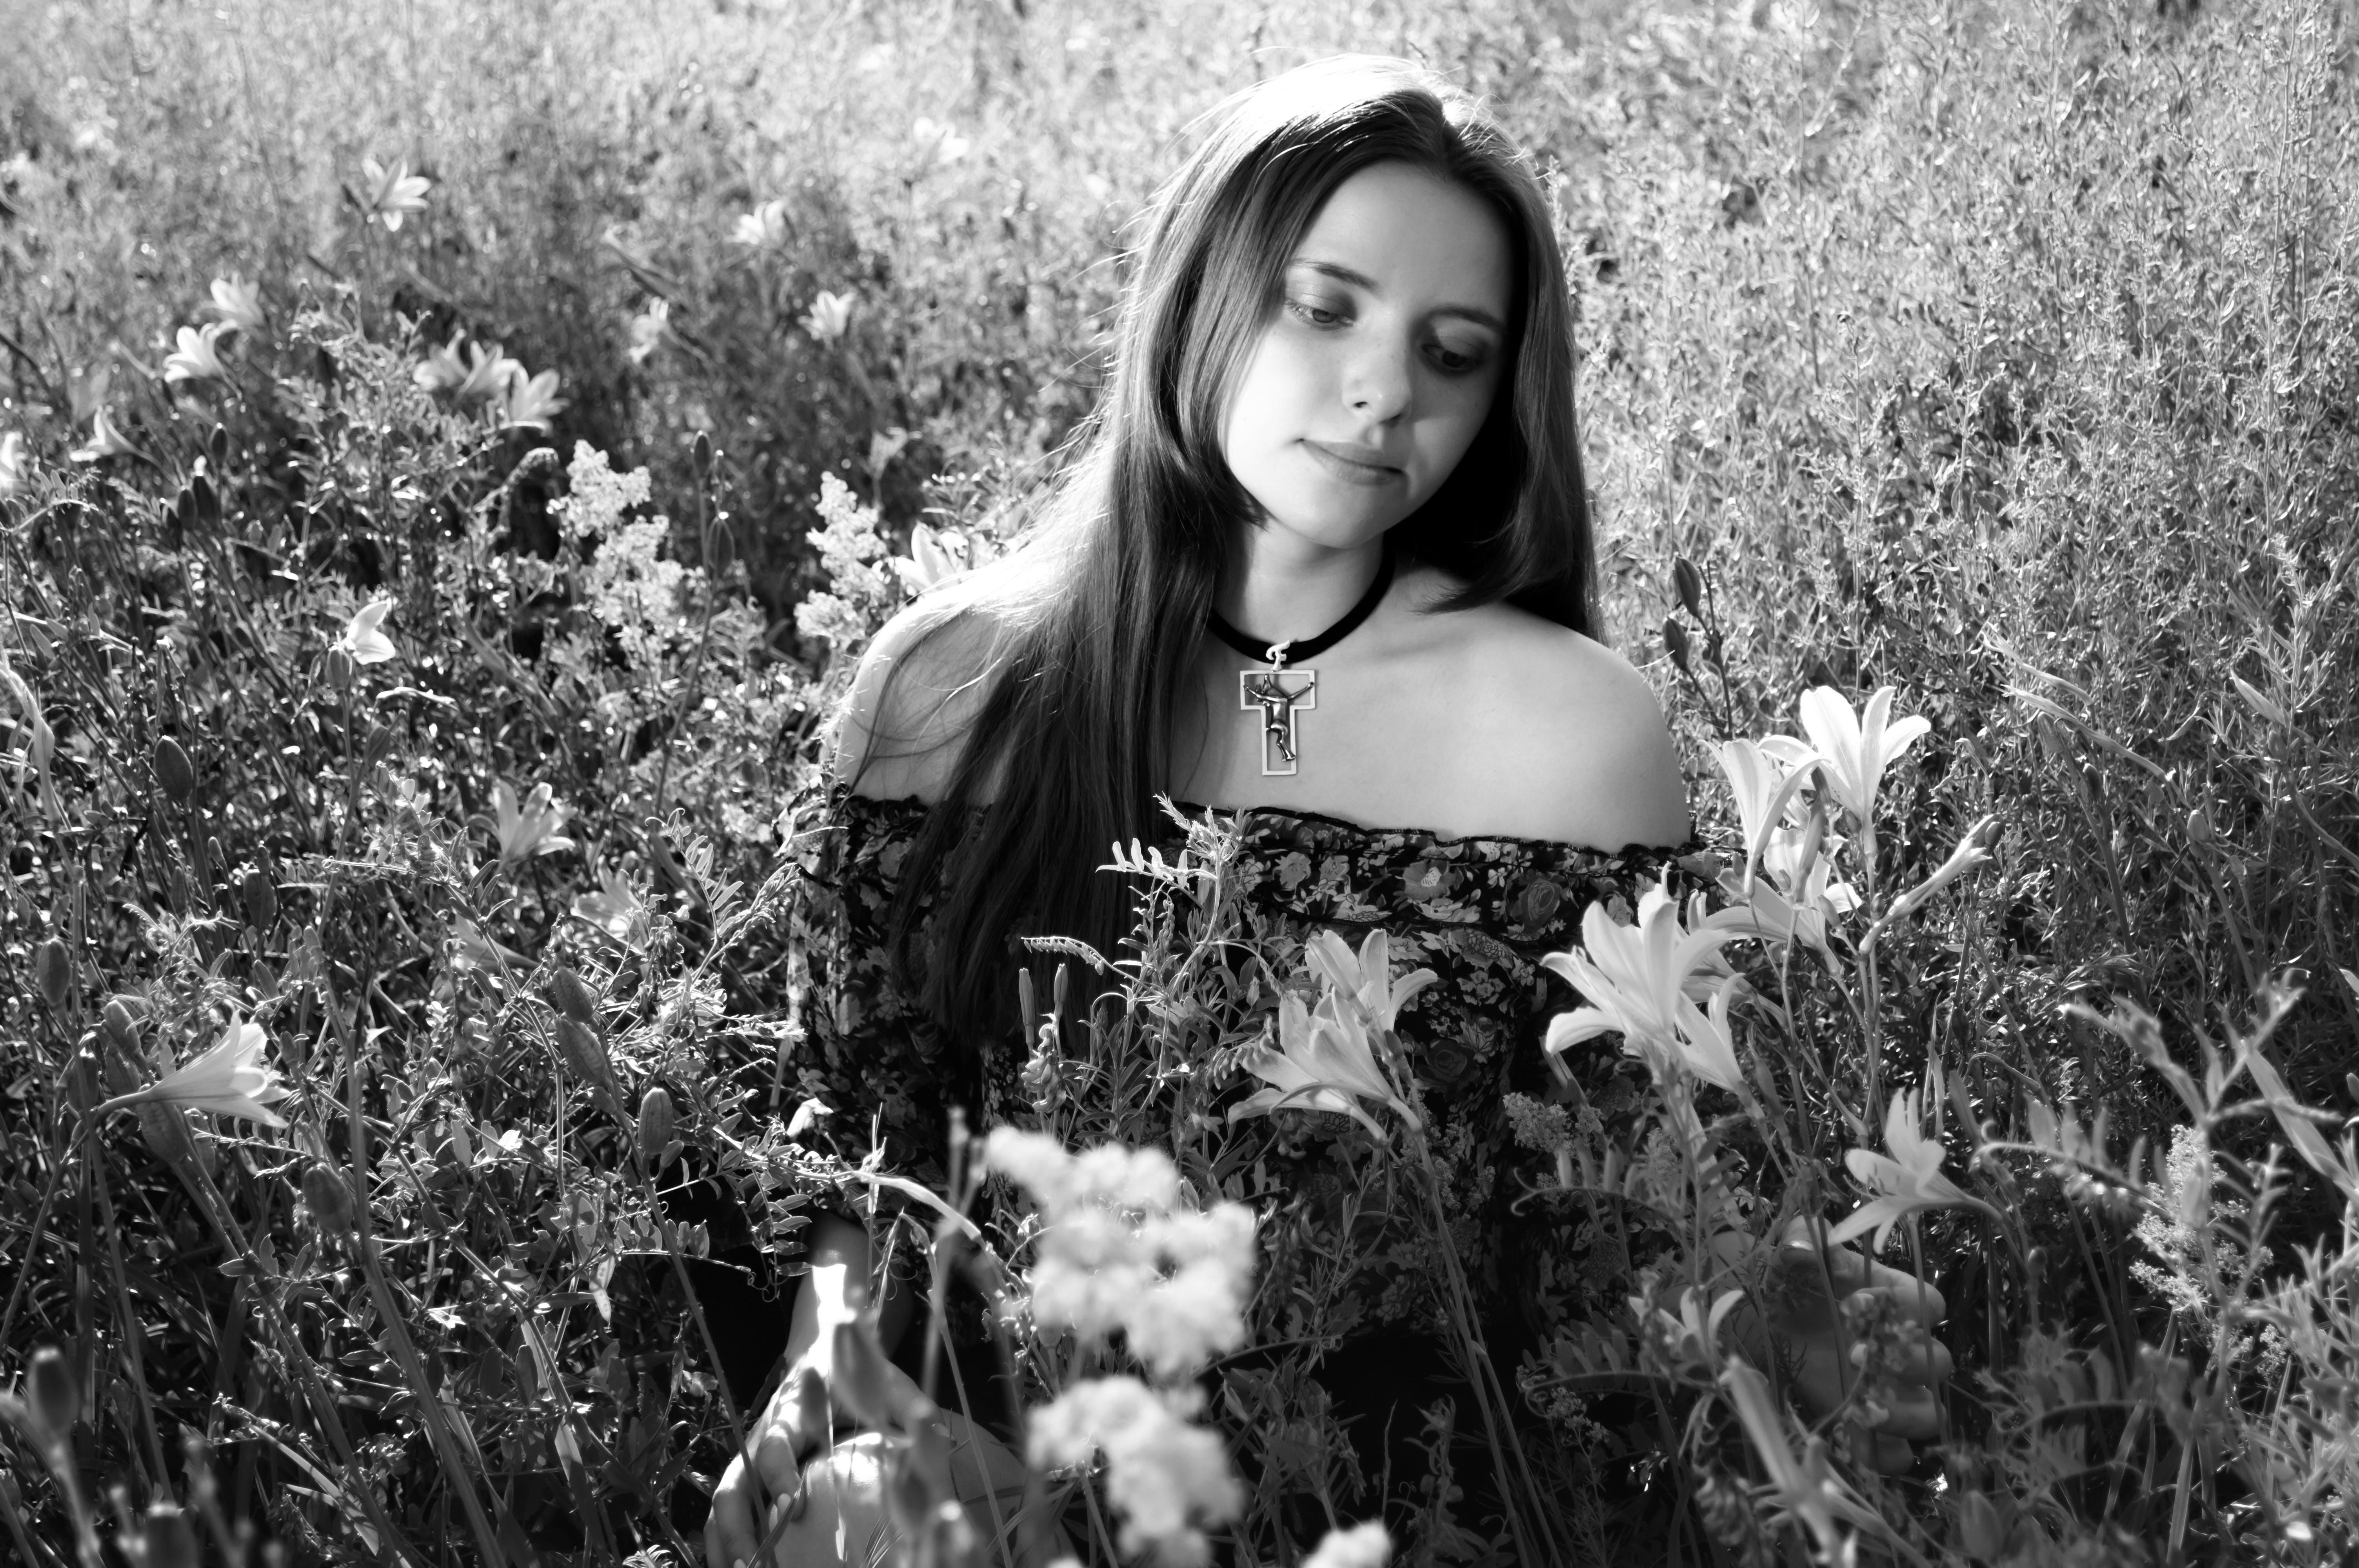 Fotos de stock gratuitas de actitud, belleza, blanco y negro, bonita